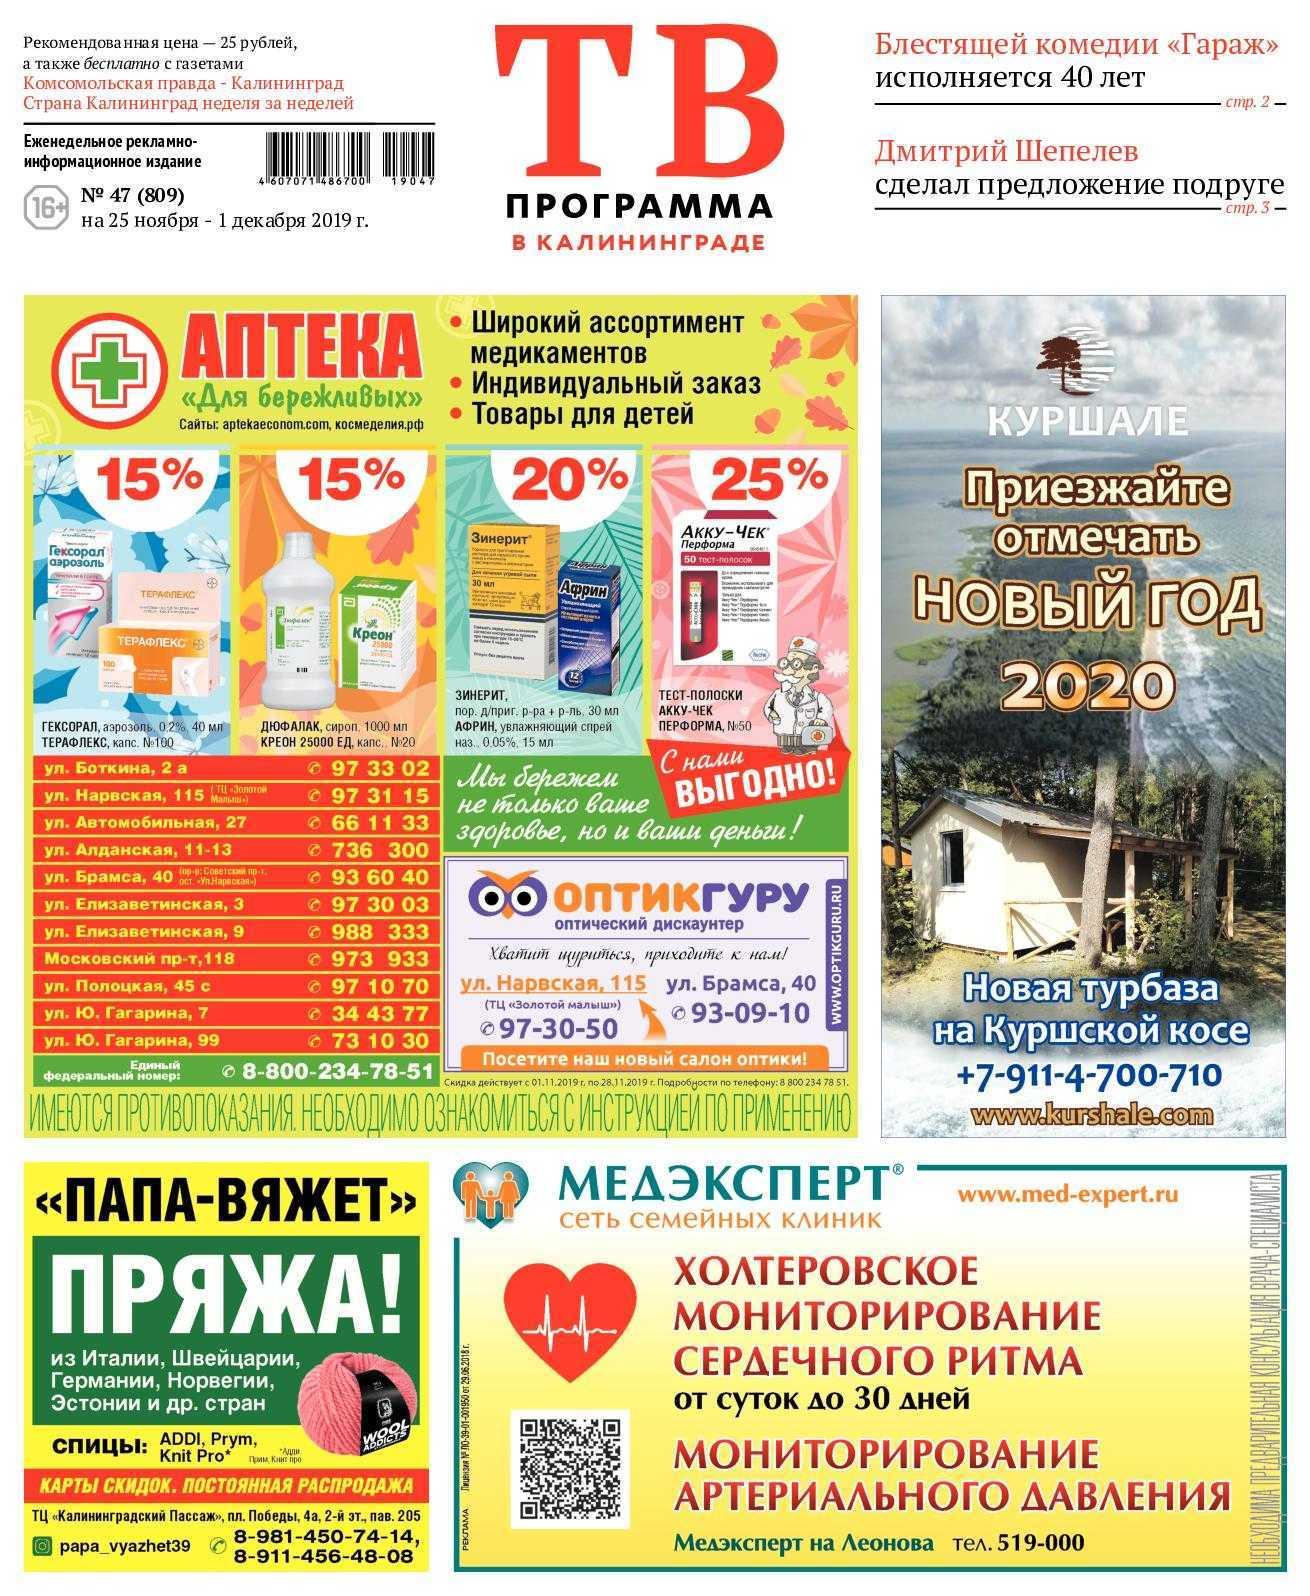 Казахстанцы могут выиграть джекпот $340 млн в эту пятницу